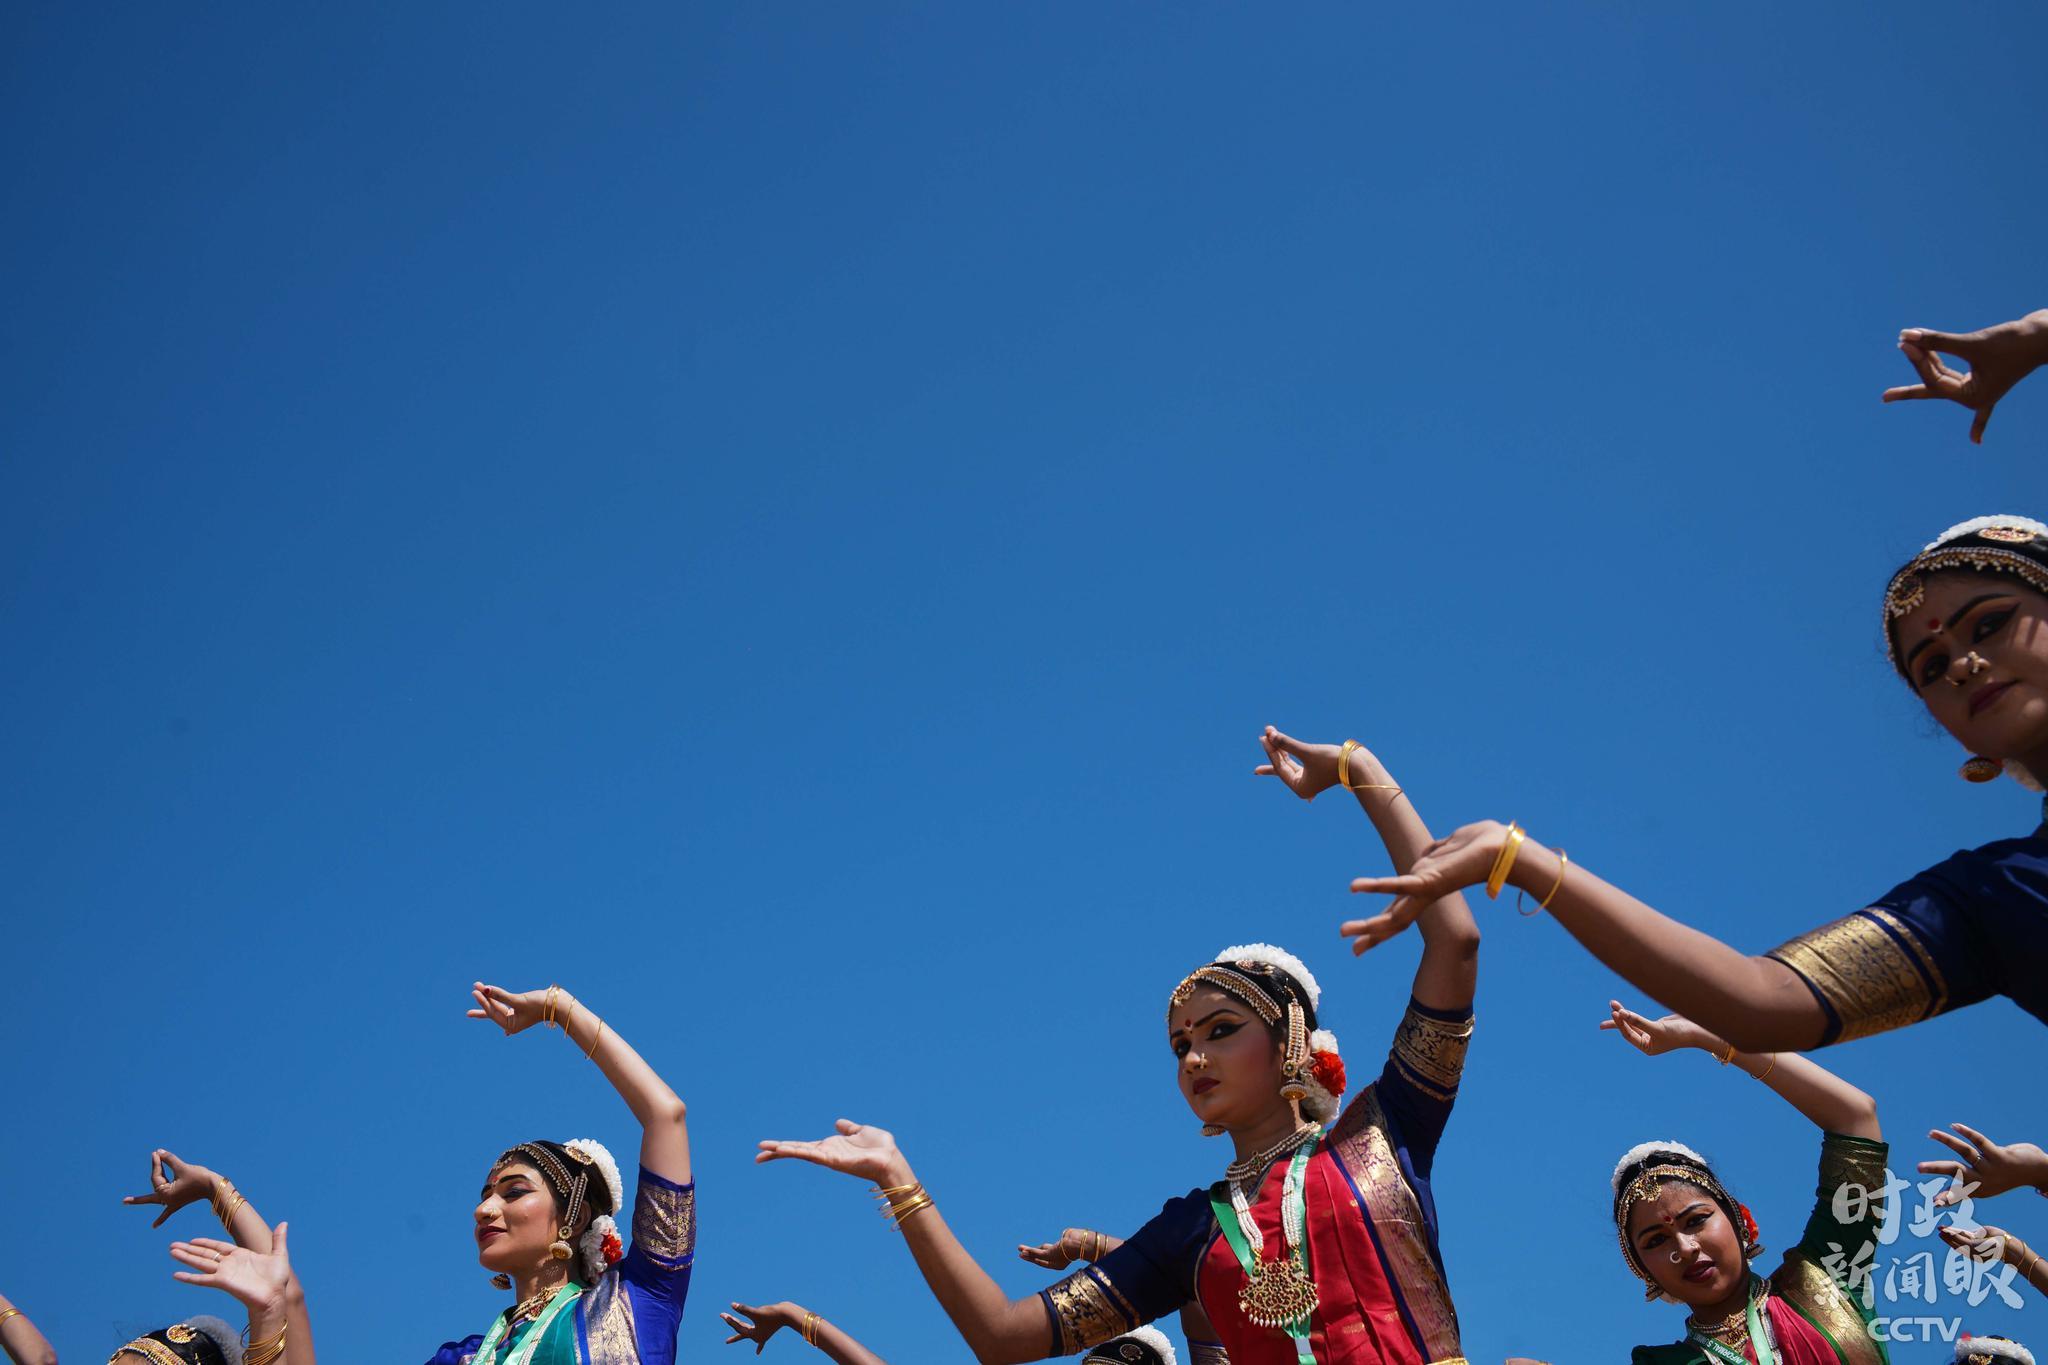 △婆罗多舞者要在不同情景里十分熟练而优雅地交替转换动作,配合丰富的面部表情和各种手语,彰显婆罗多舞蹈的精致高雅。(央视记者马亚阳、王哈男拍摄)